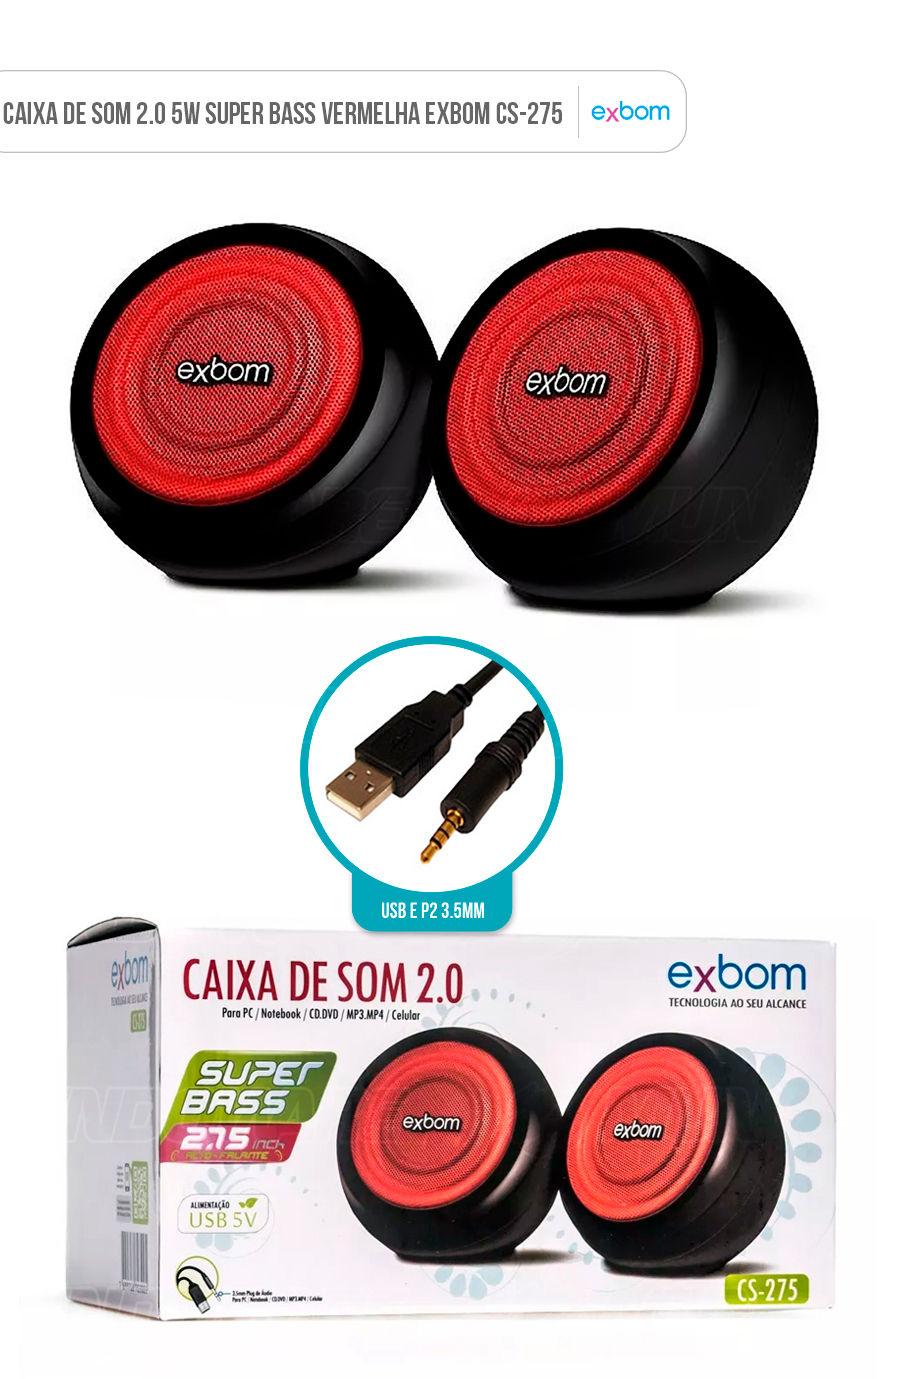 Caixa de Som Super Bass para Computador e Notebook Preta e Vermelha